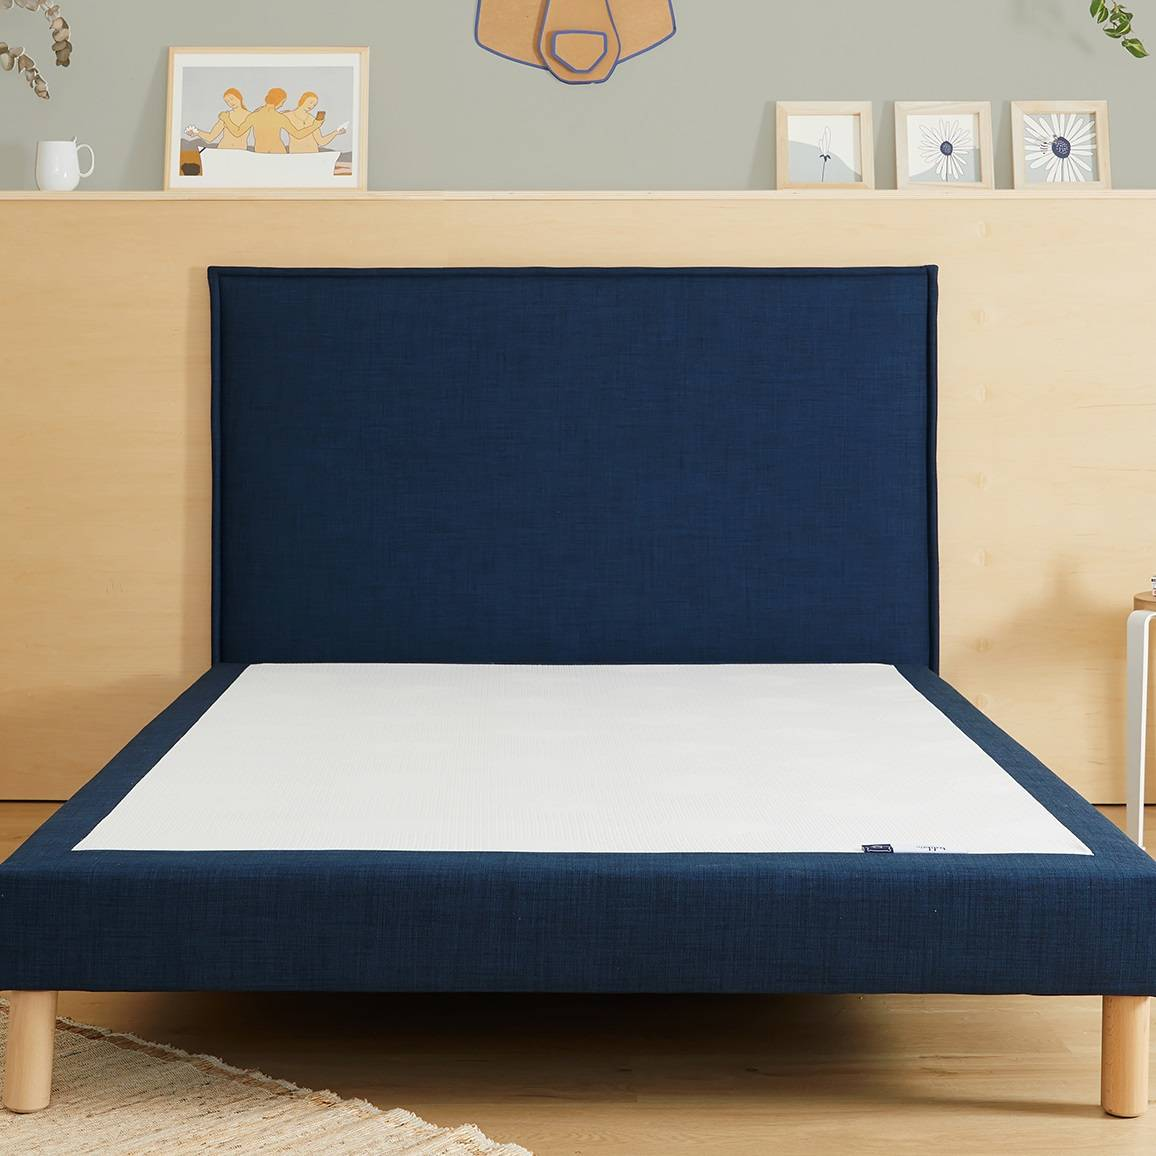 Tediber - L'incroyable Tête de Lit en tissu bleu -Livraison et retours gratuits - 100 nuits d'essai - Marque française